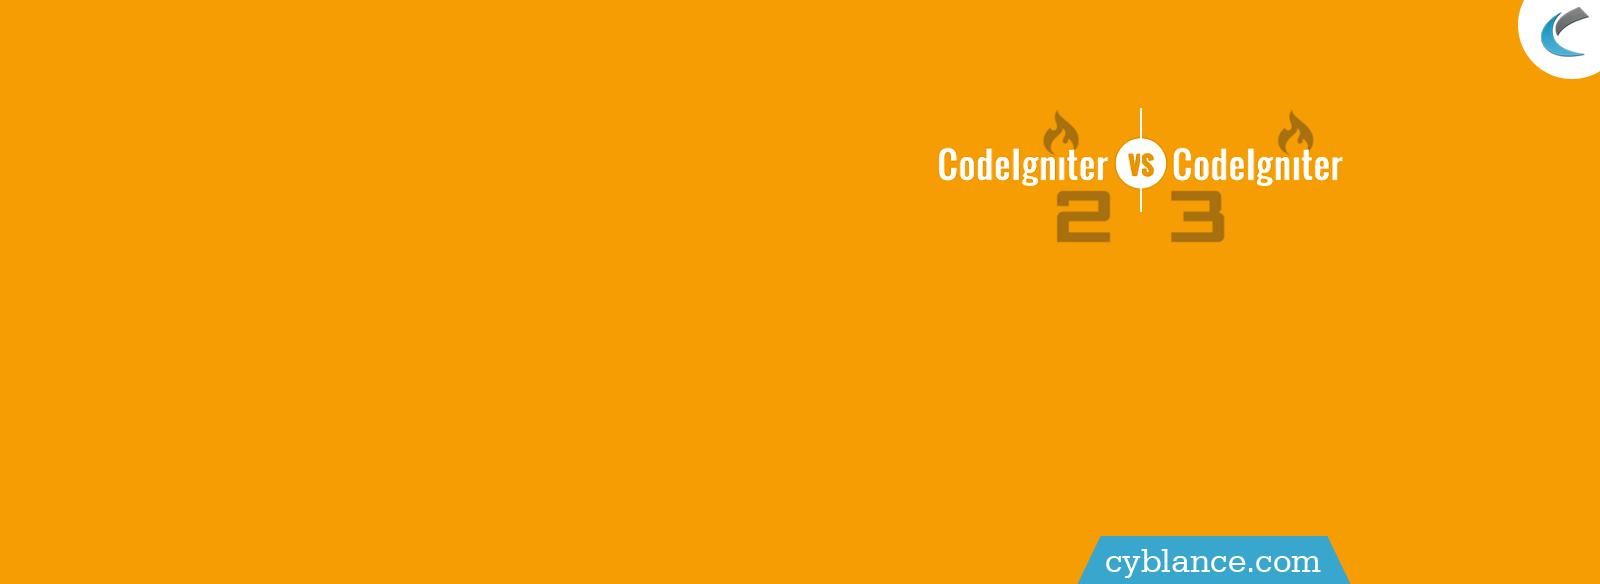 CodeIgntier 2.0 V/S CodeIgniter 3.0